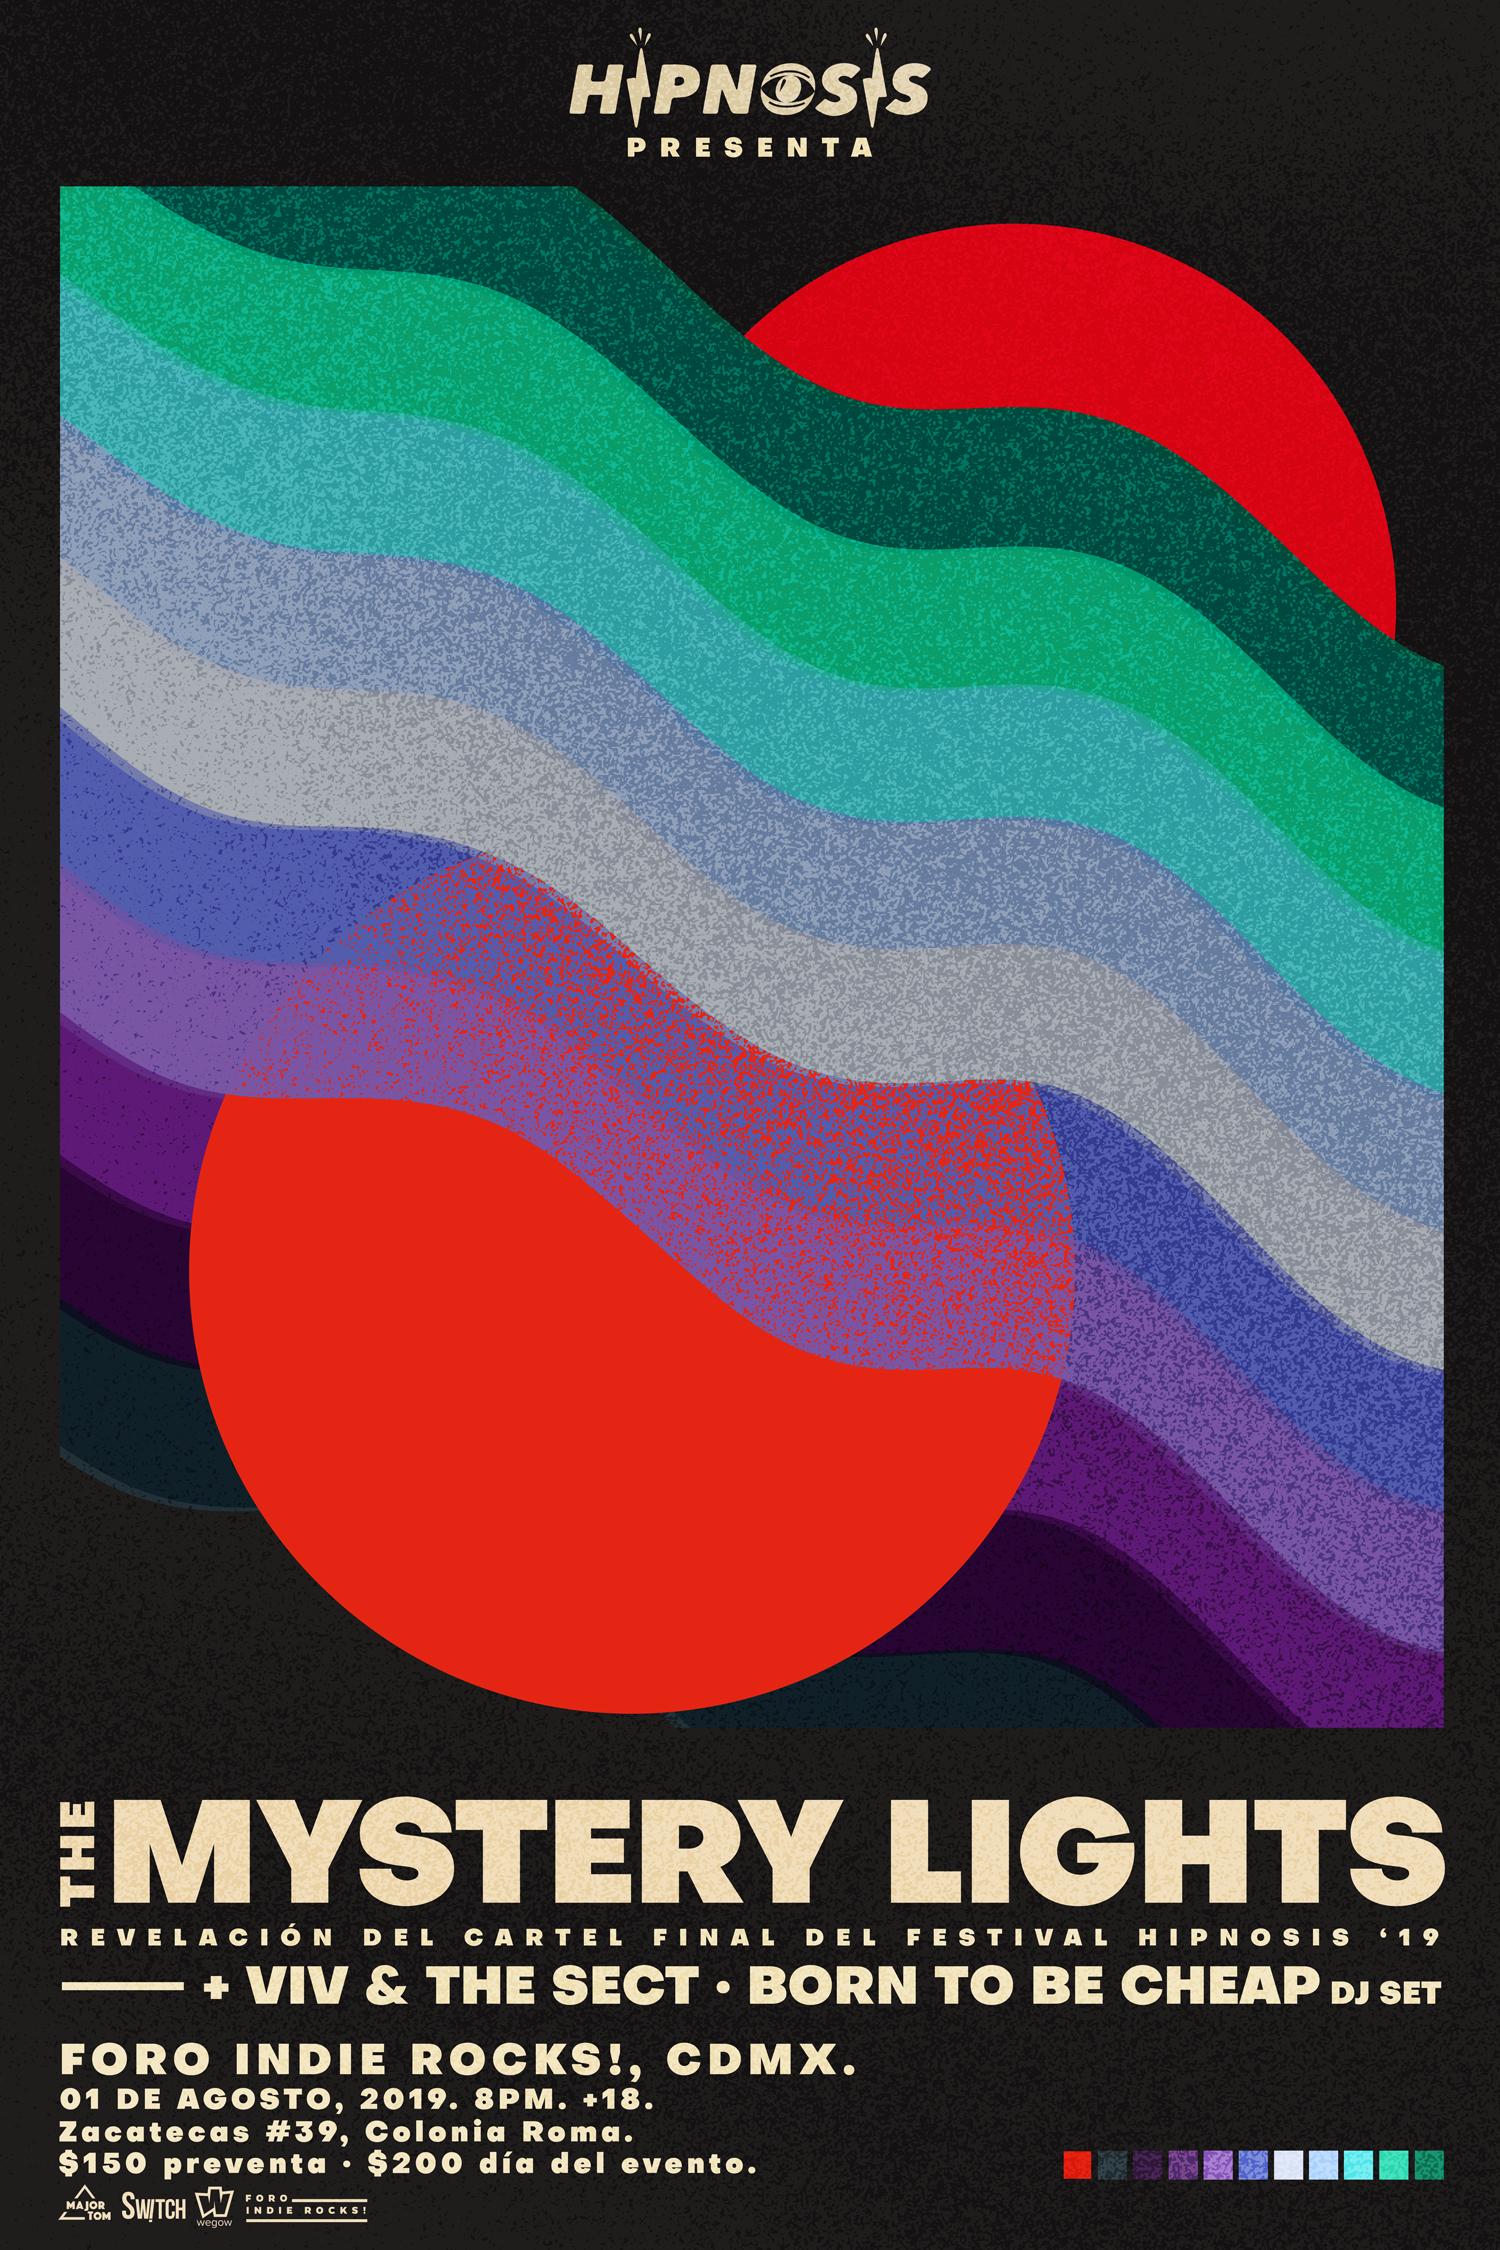 LA REVELACIÓN FINAL DEL CARTEL DE HIPNOSIS SERÁ CON LA VISITA DE THE MYSTERY LIGHTS